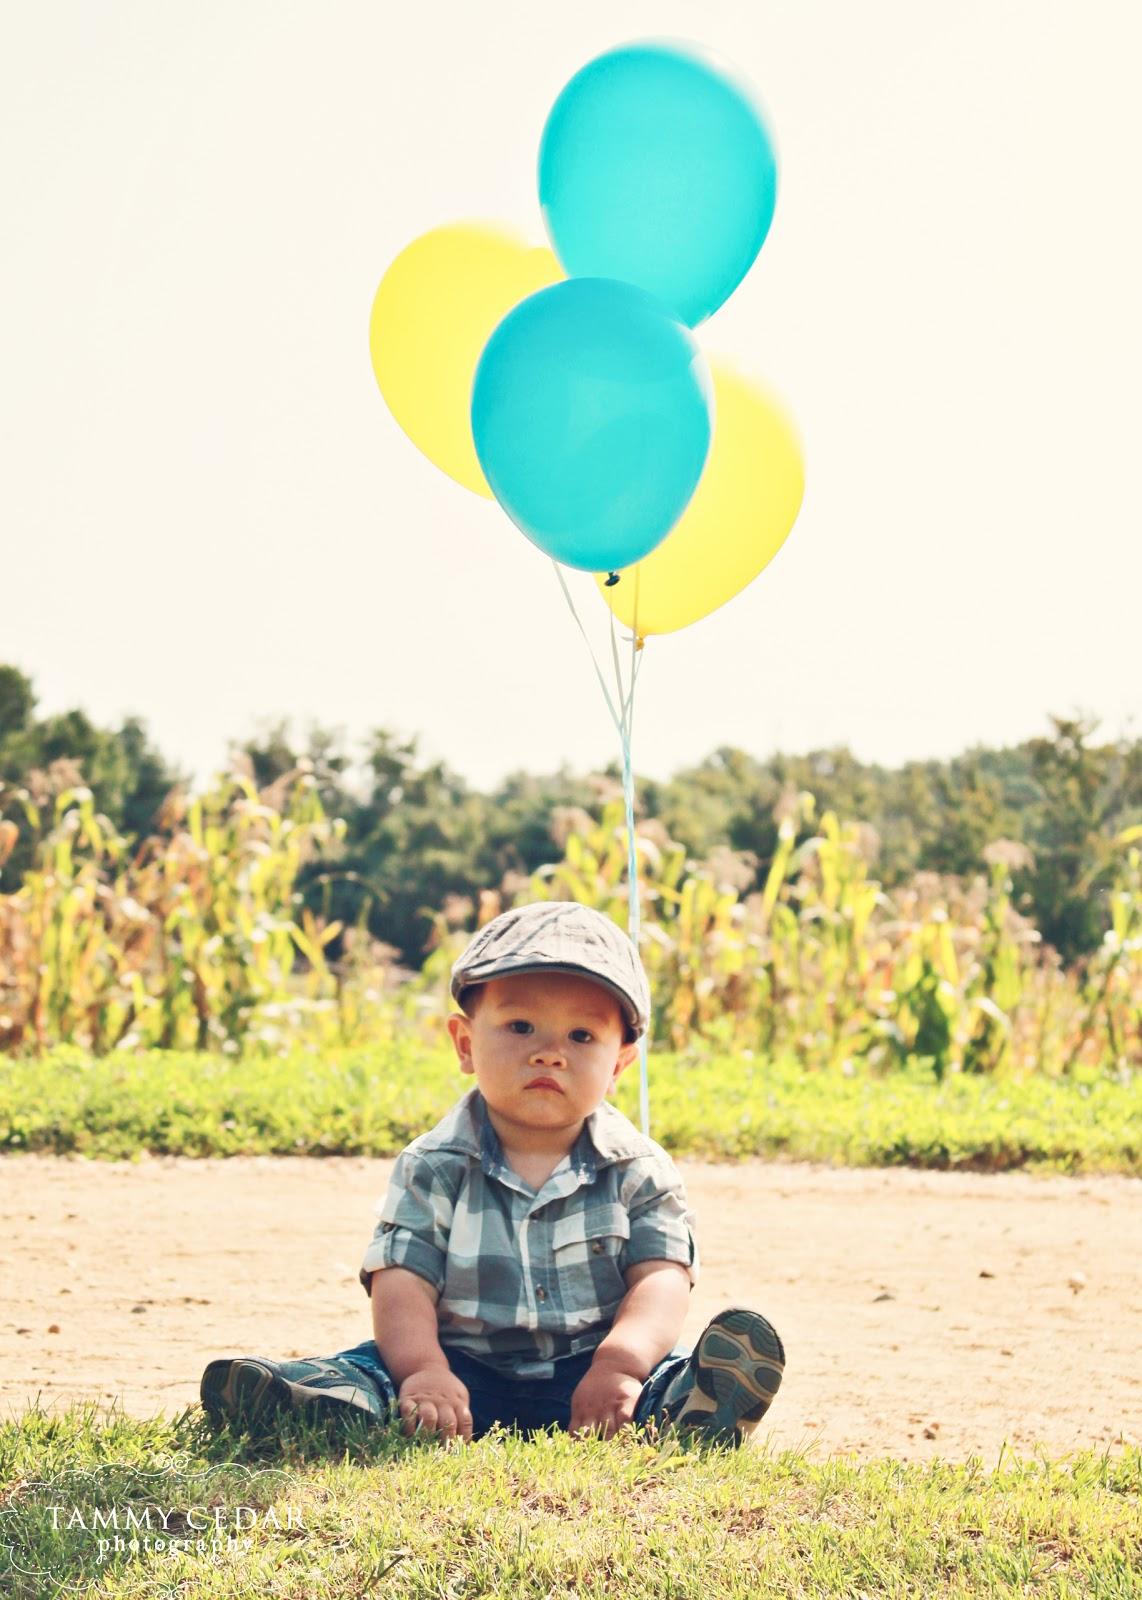 Third birthday photo shoot ideas Kate Upton - Wikipedia